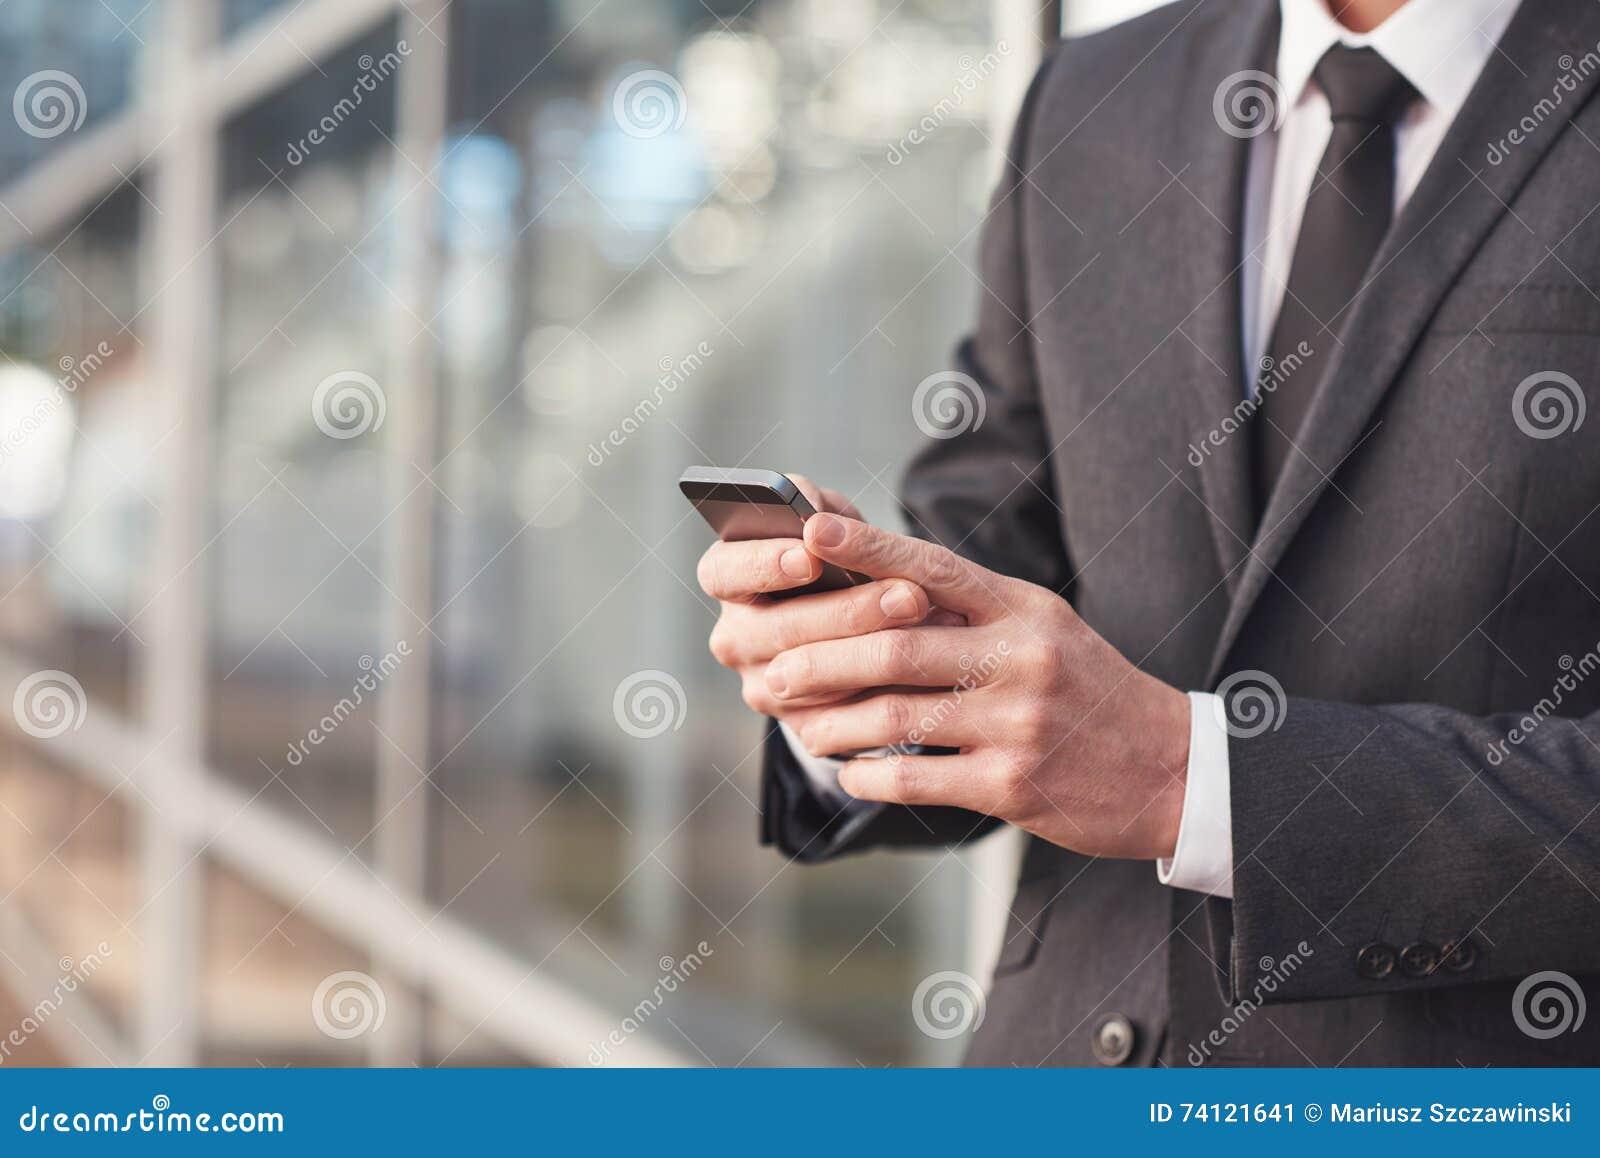 De mededeling is zeer belangrijk in moderne zaken